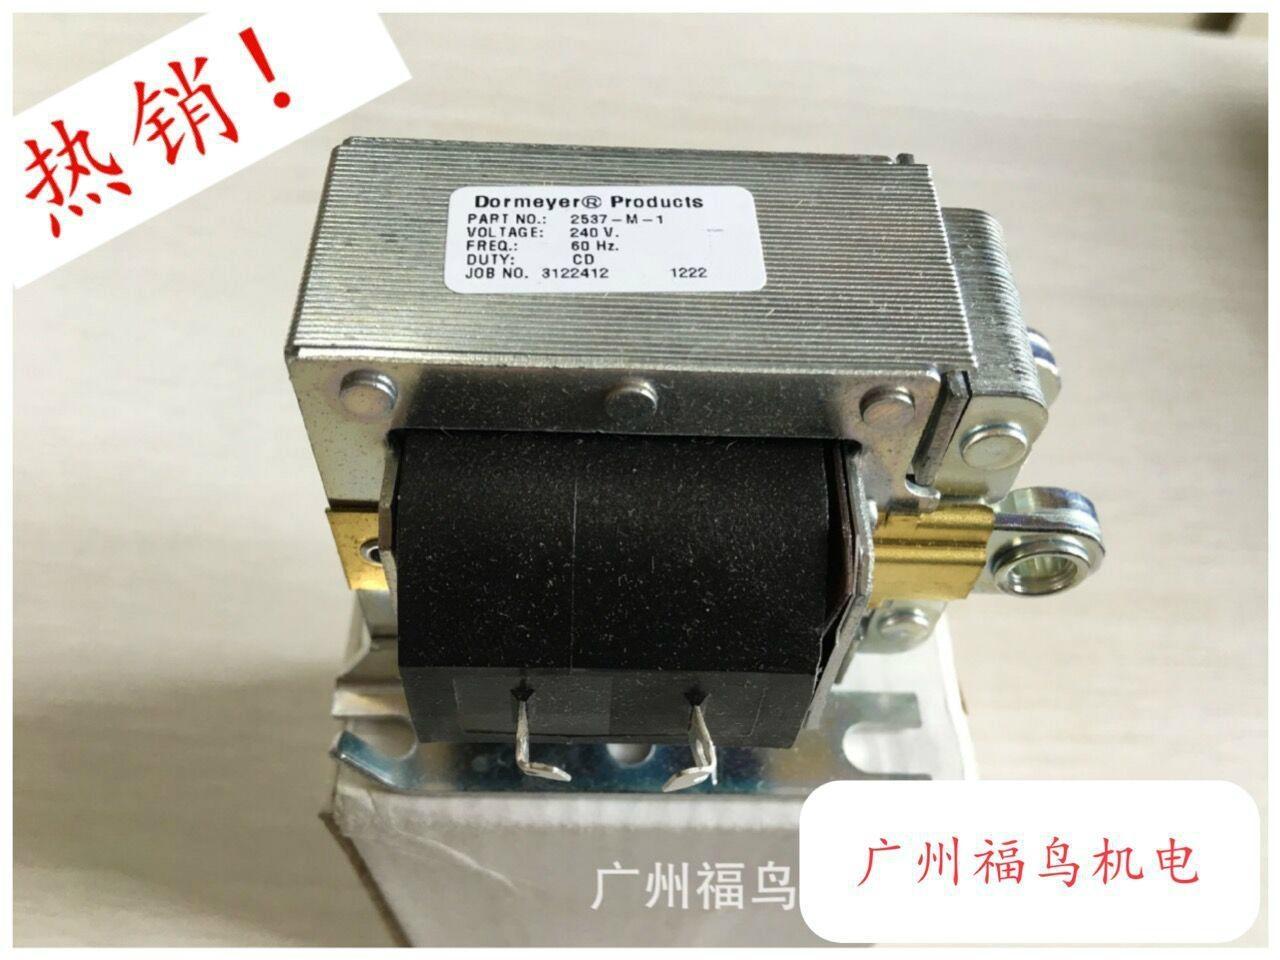 Dormeyer電磁鐵, 型號: 2537-M-1